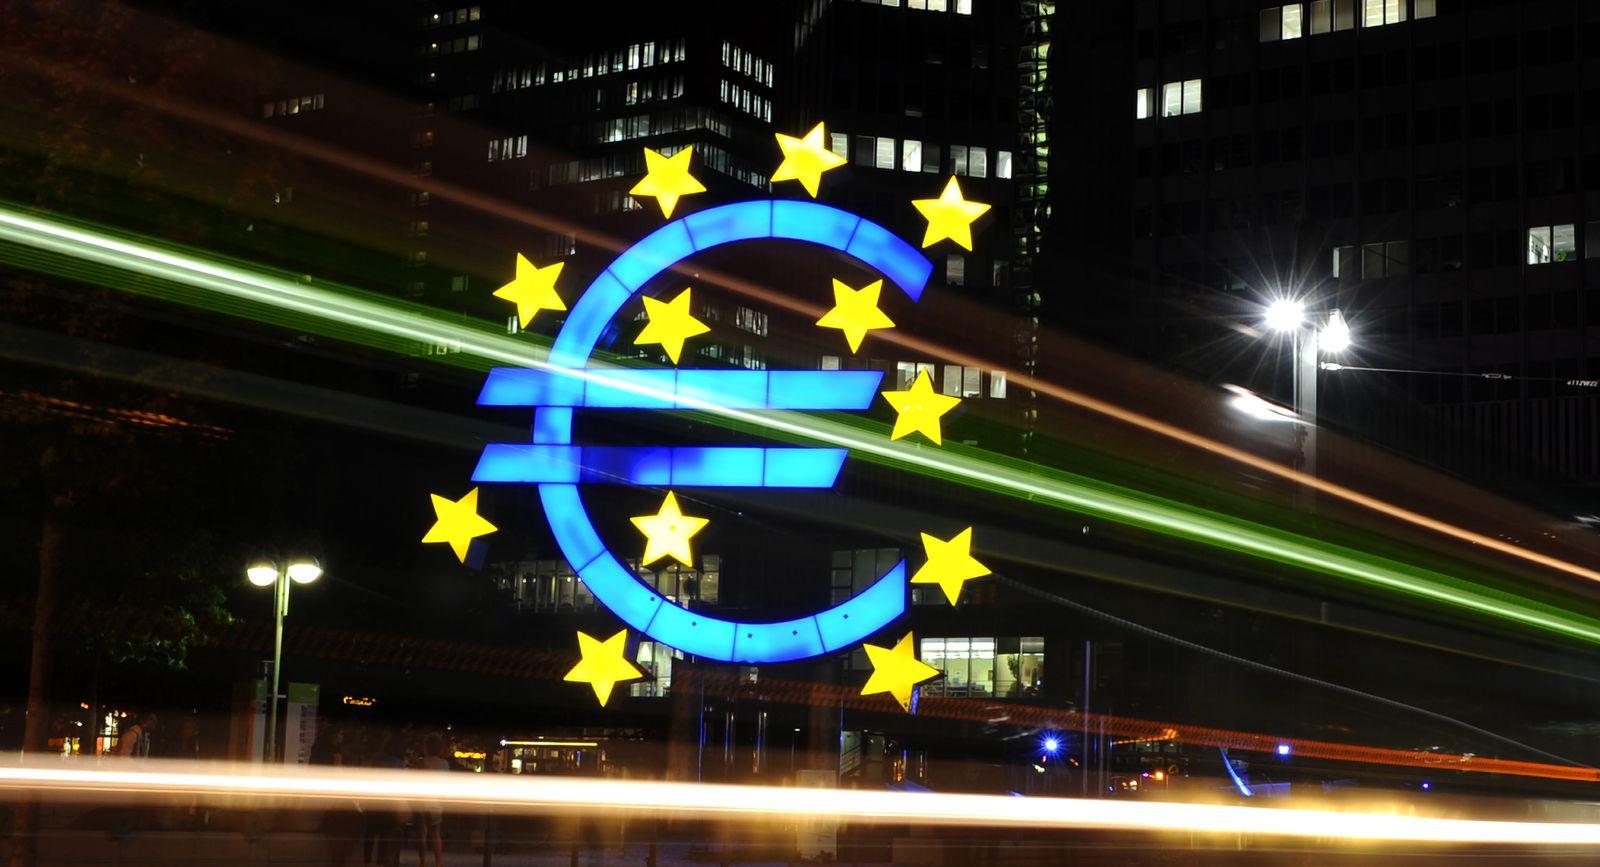 NICHT VERWENDEN EZB / Europäische Zentralbank XXL